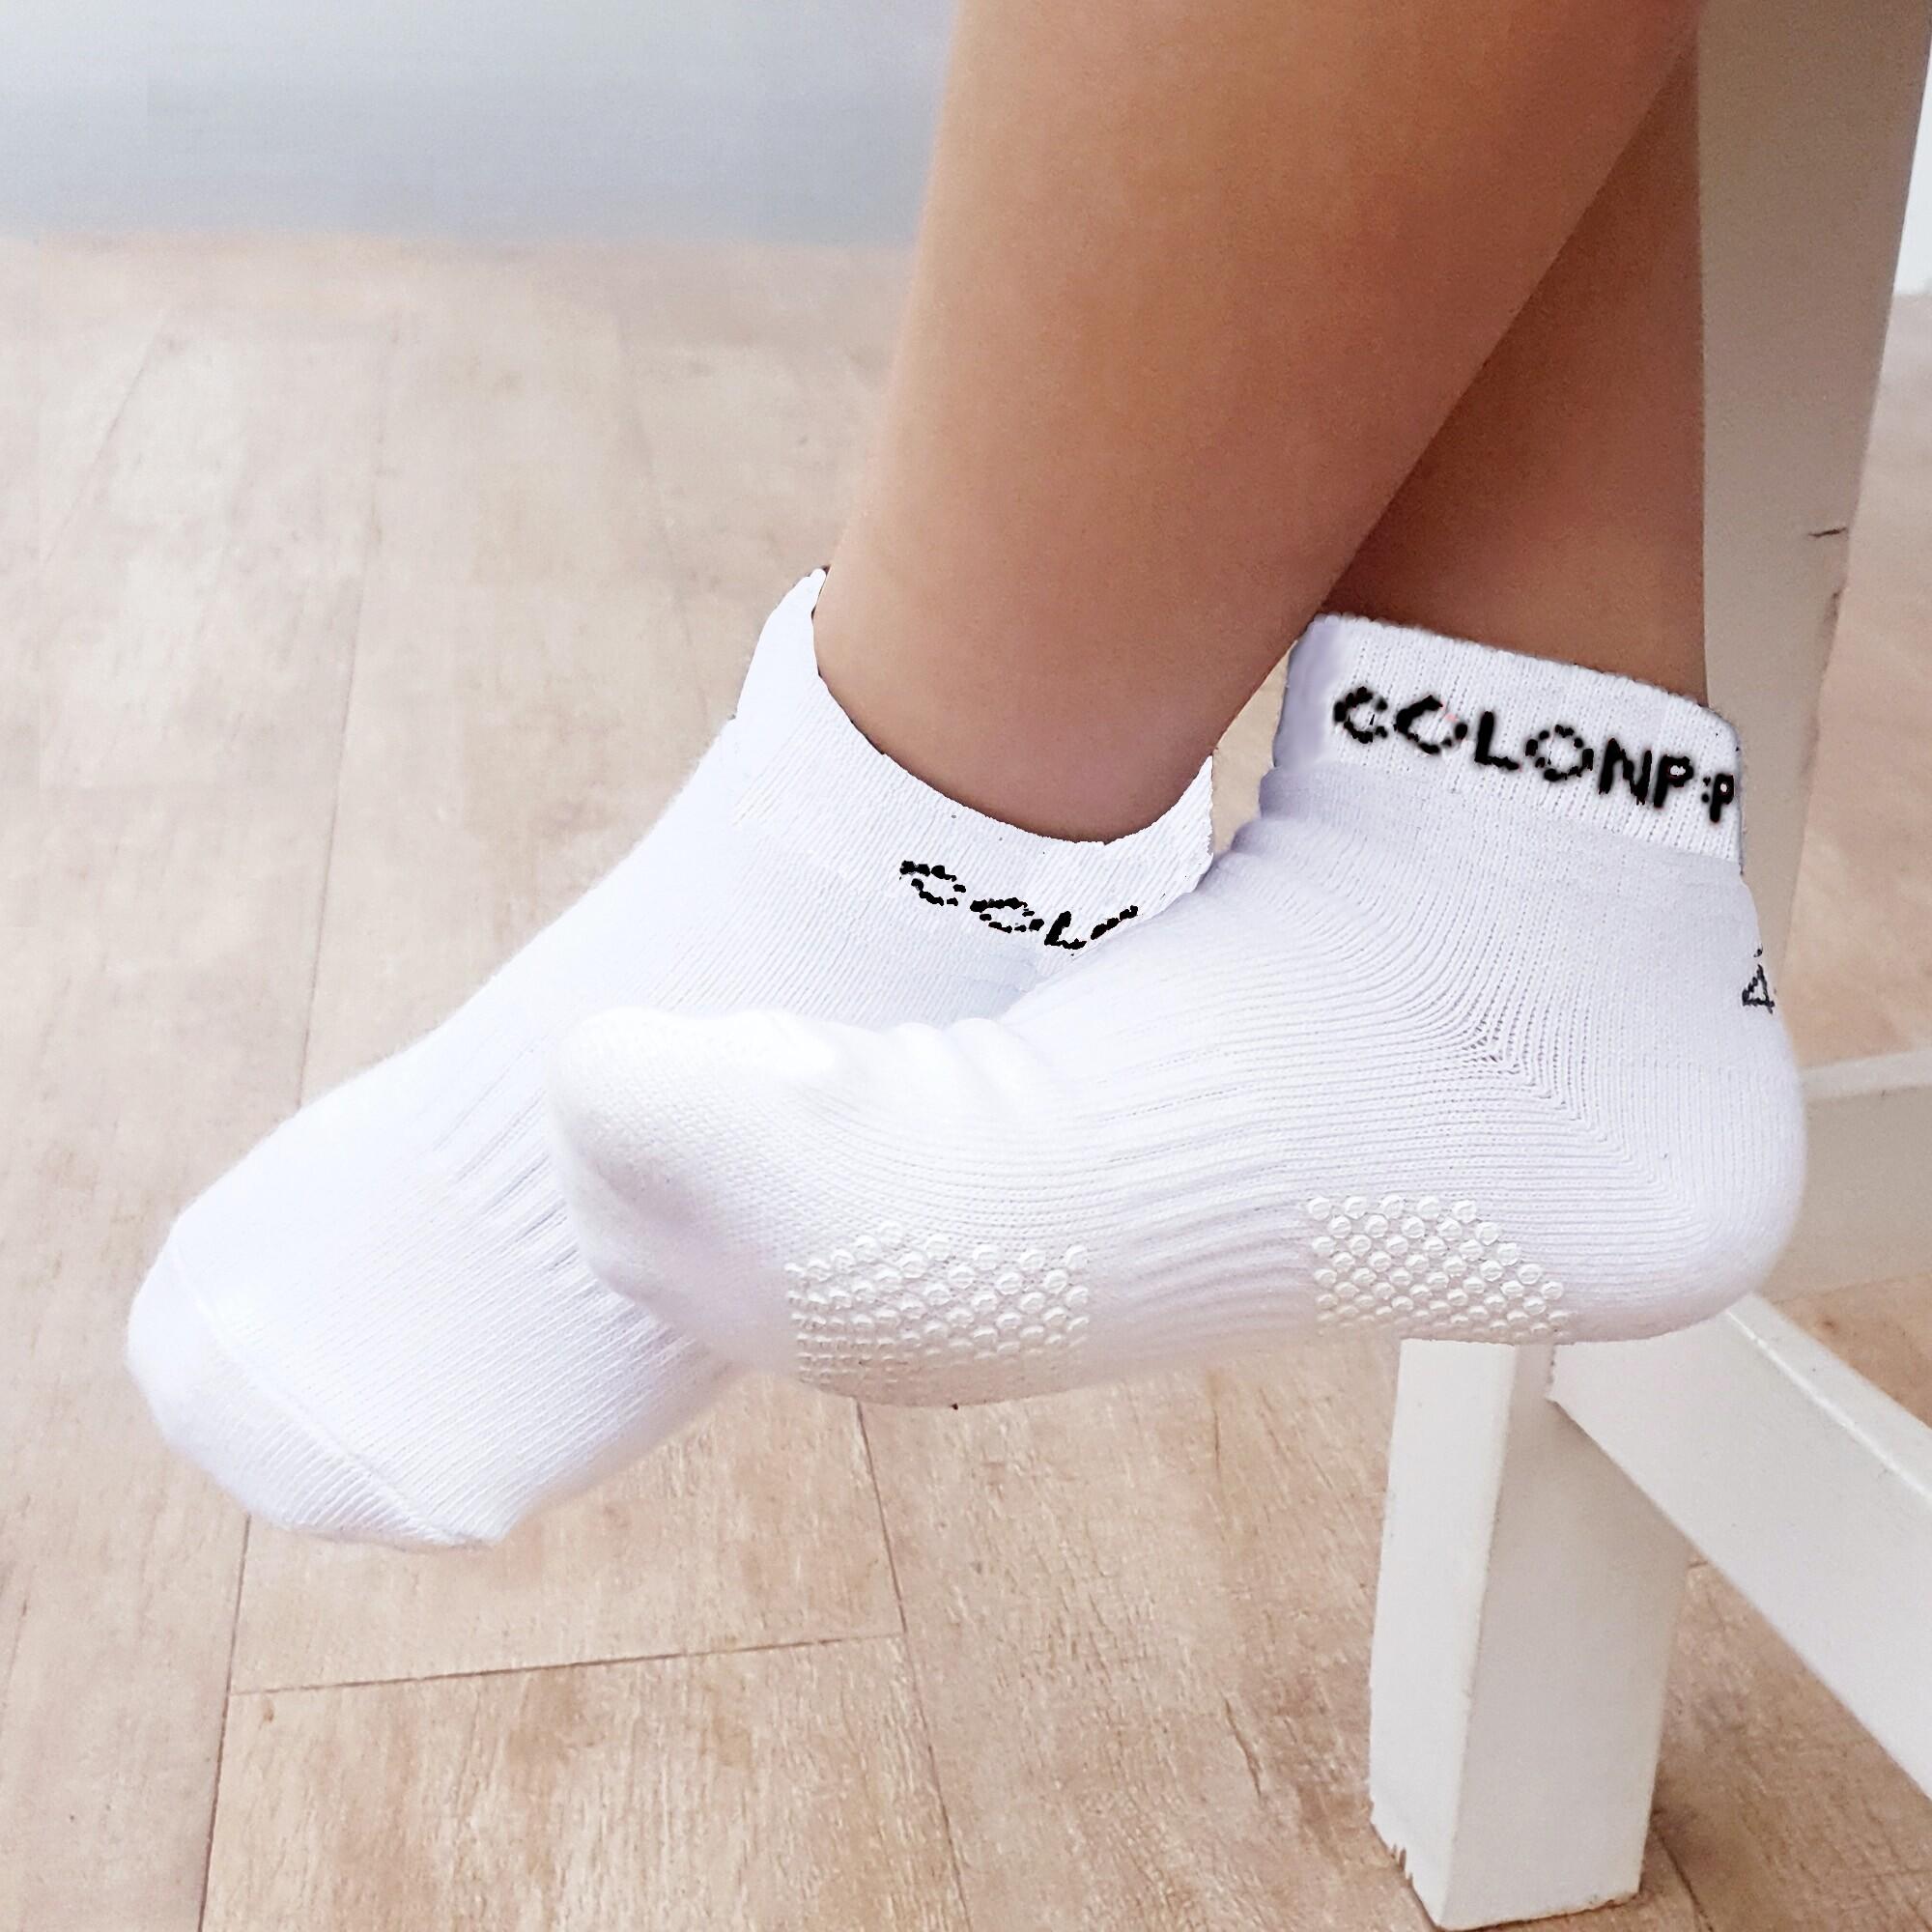 ถุงเท้าเด็ก สีพื้น Cotton 100% มีกันลื่นลายน่ารัก 2-9 ขวบ (มี 6 สีให้เลือก).